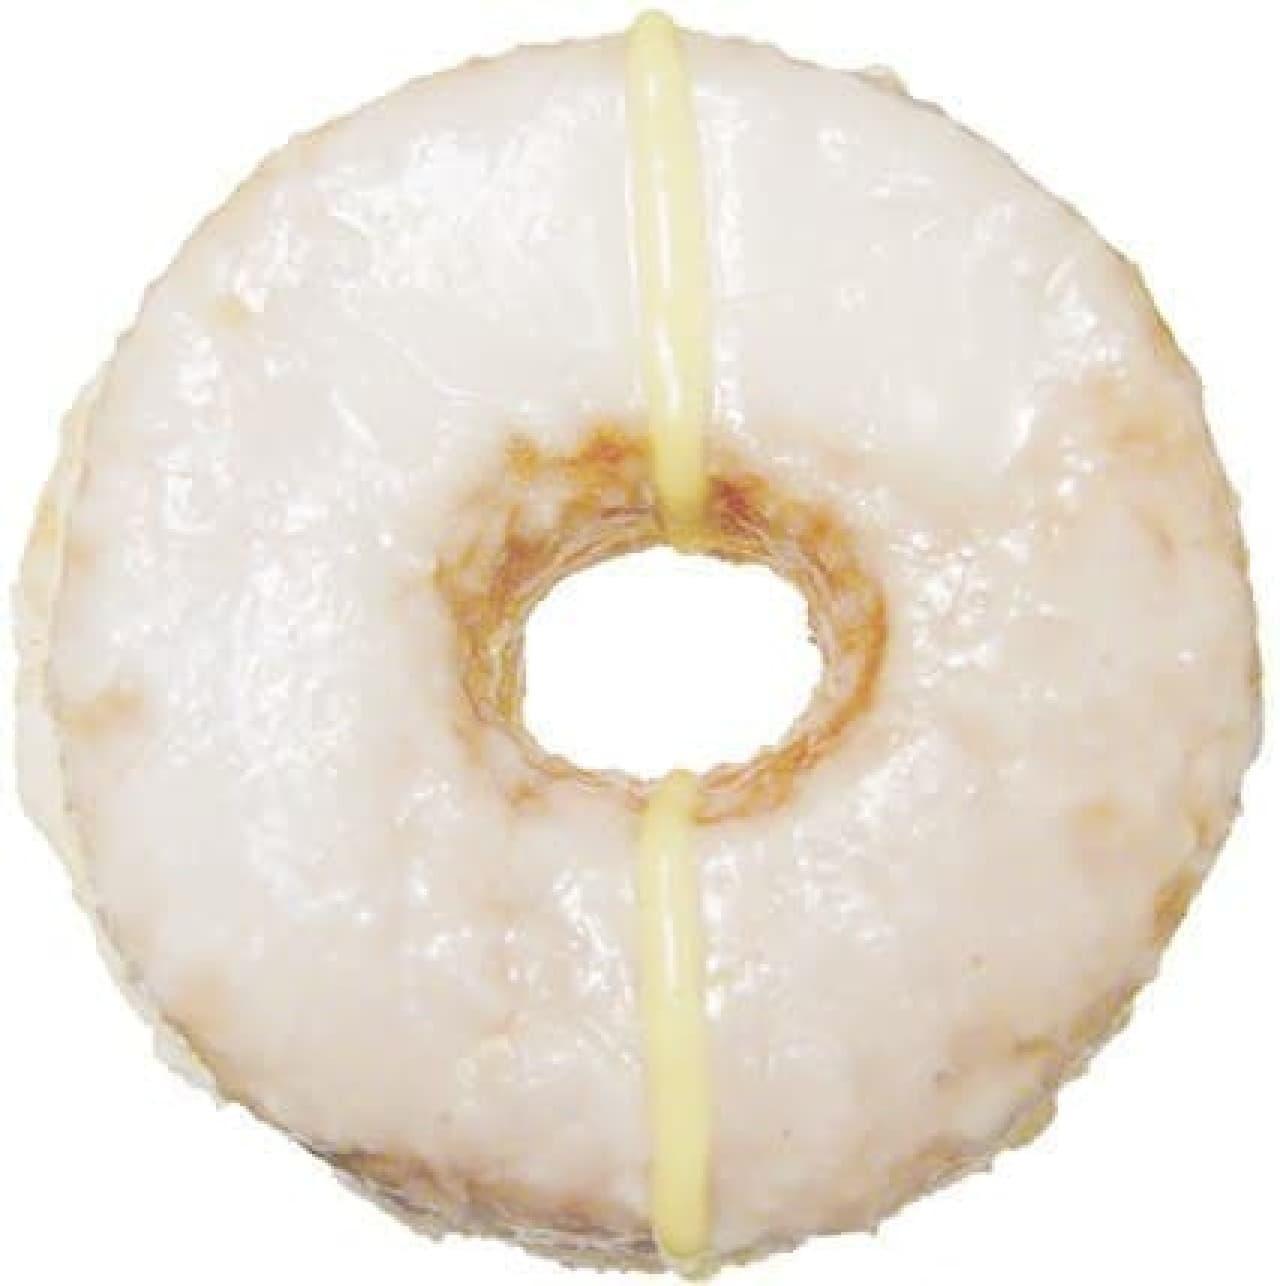 ドーナッツプラント ココナッツ(ベーカリードーナッツ)